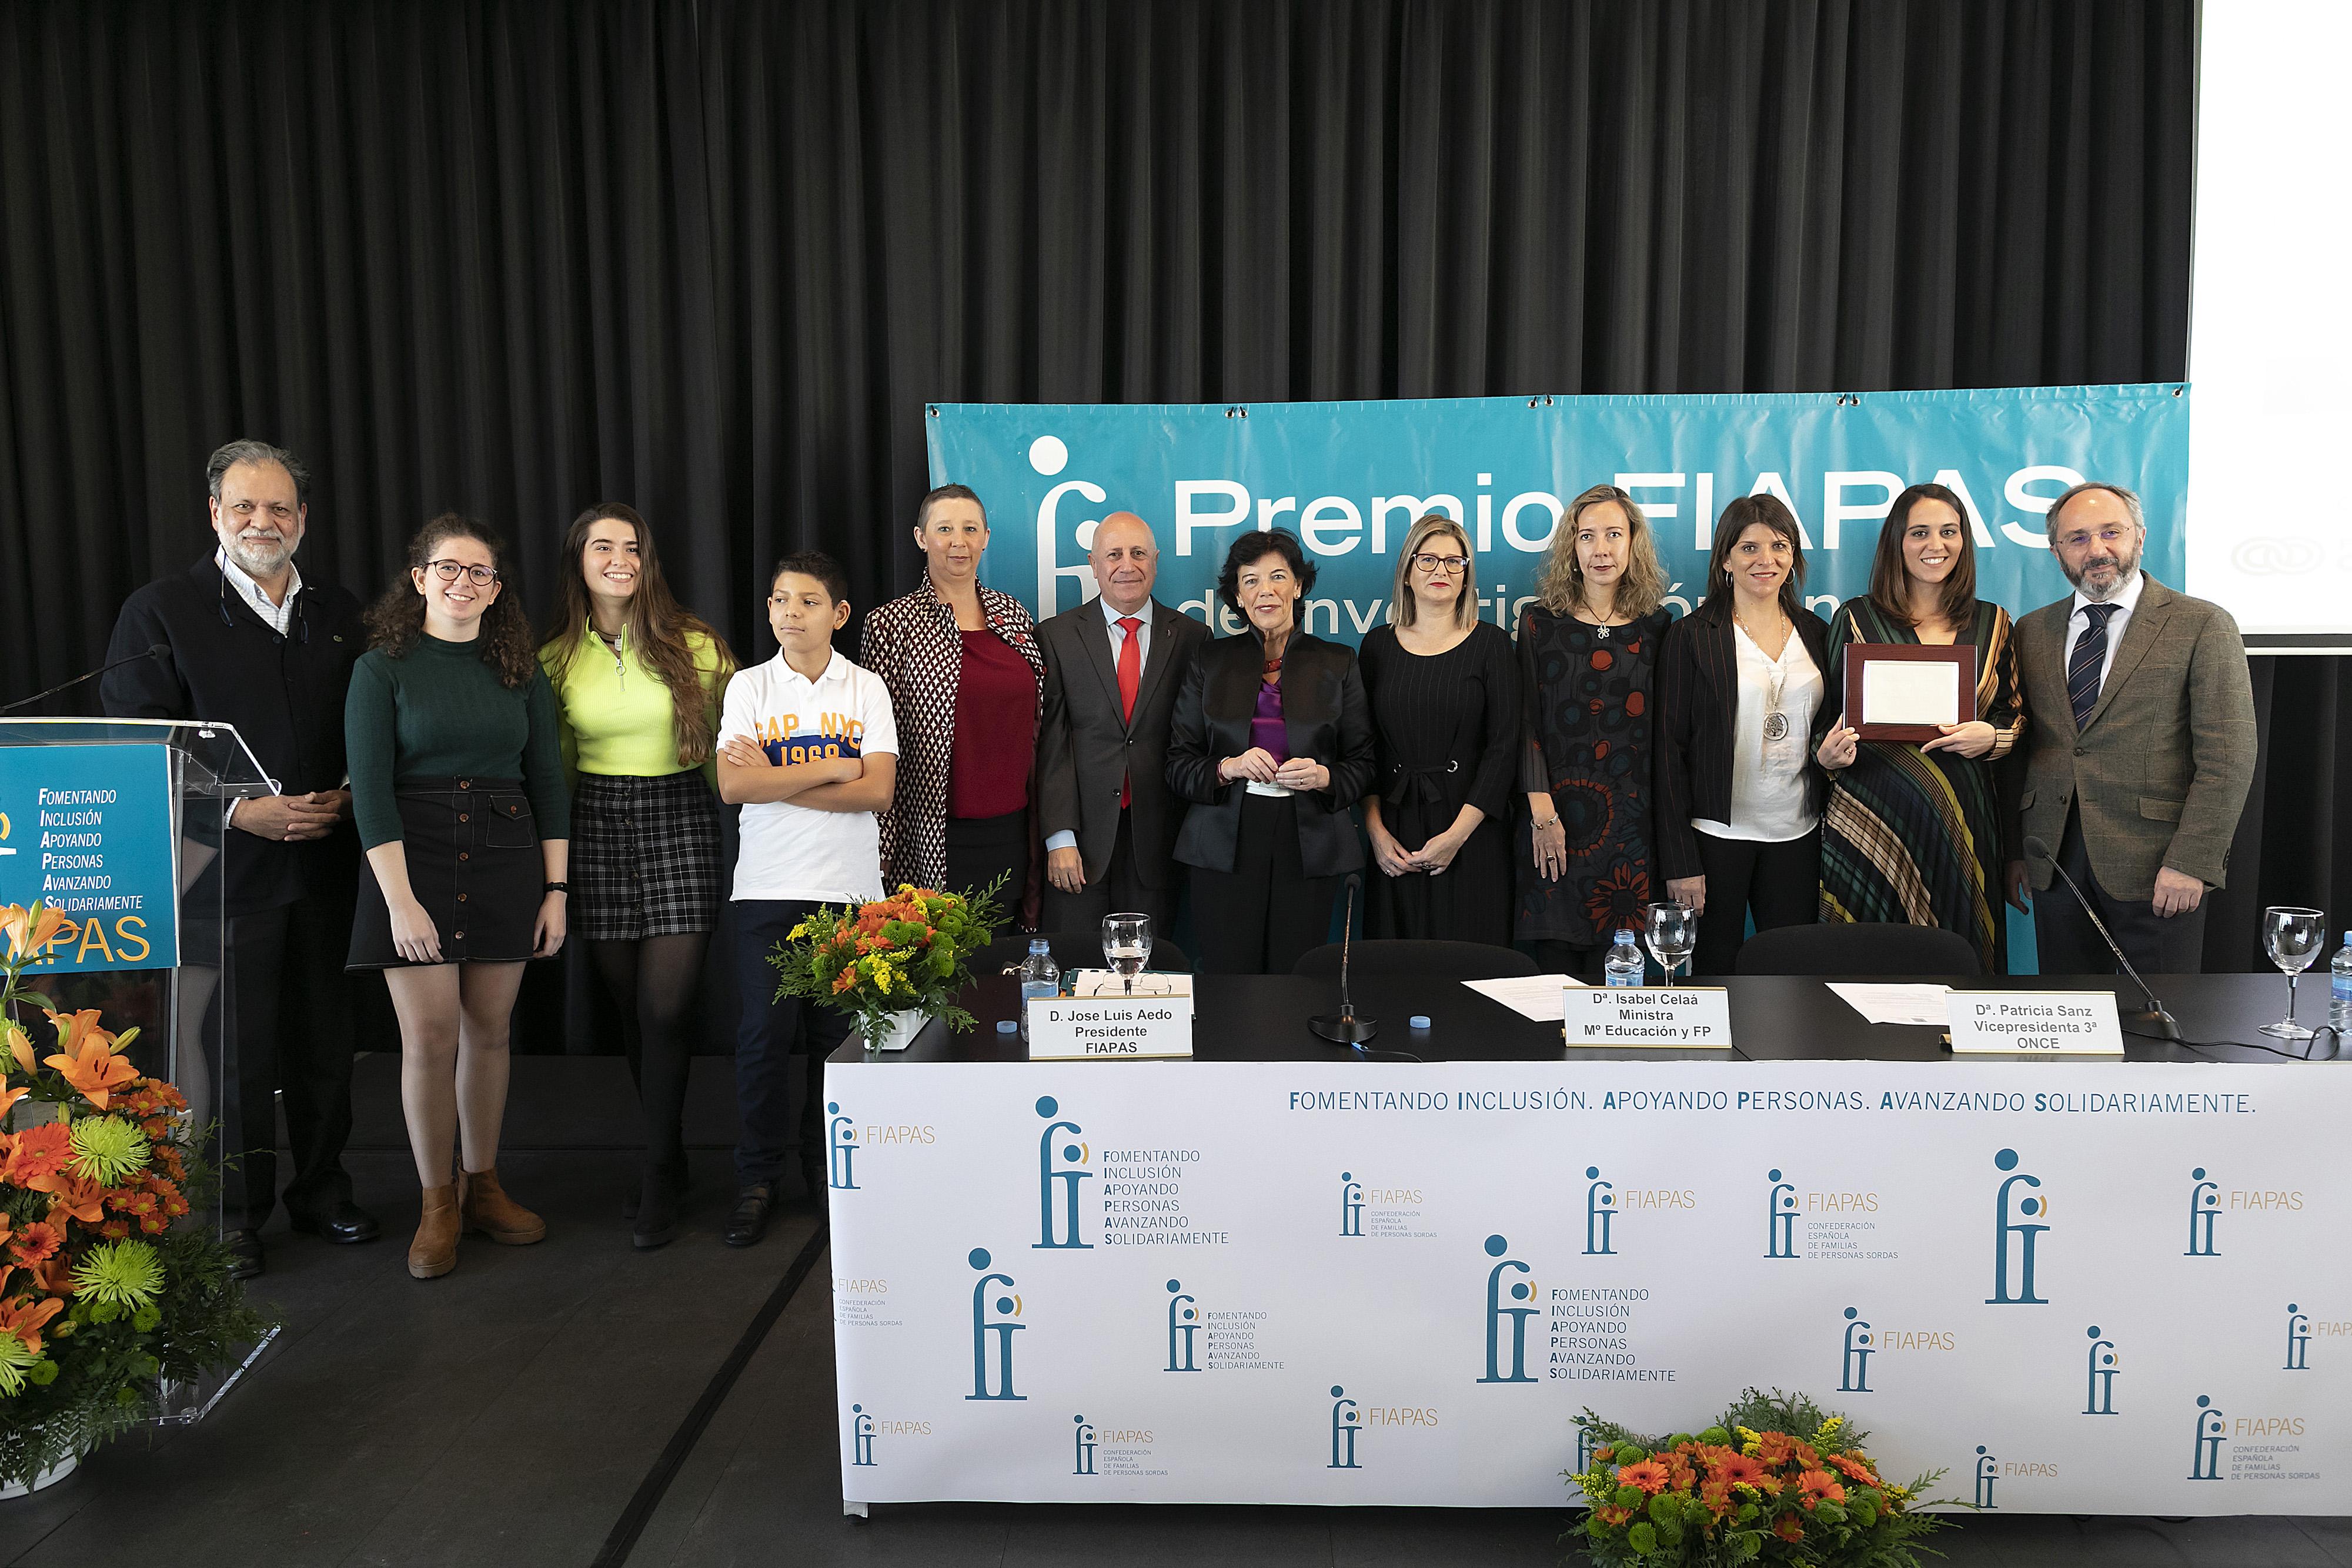 La ministra de Educación en el medio de la foto, con los miembros de la Junta Directiva de FIAPAS, los autores premiados y los niños y jóvenes conductores del acto